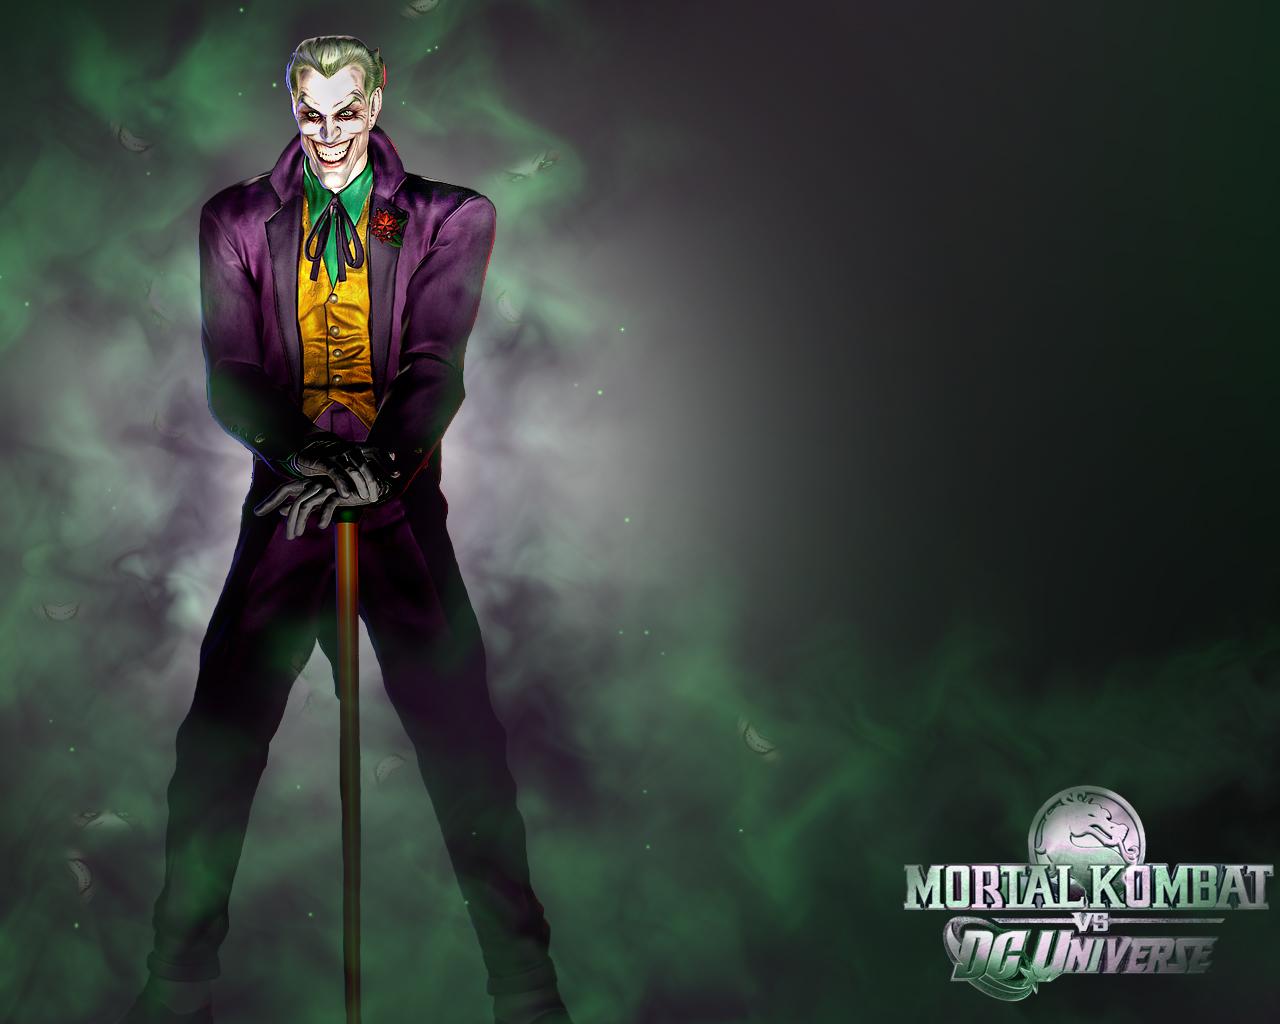 Evil Dark Fantasy Girl Wallpaper Hd Hd Joker